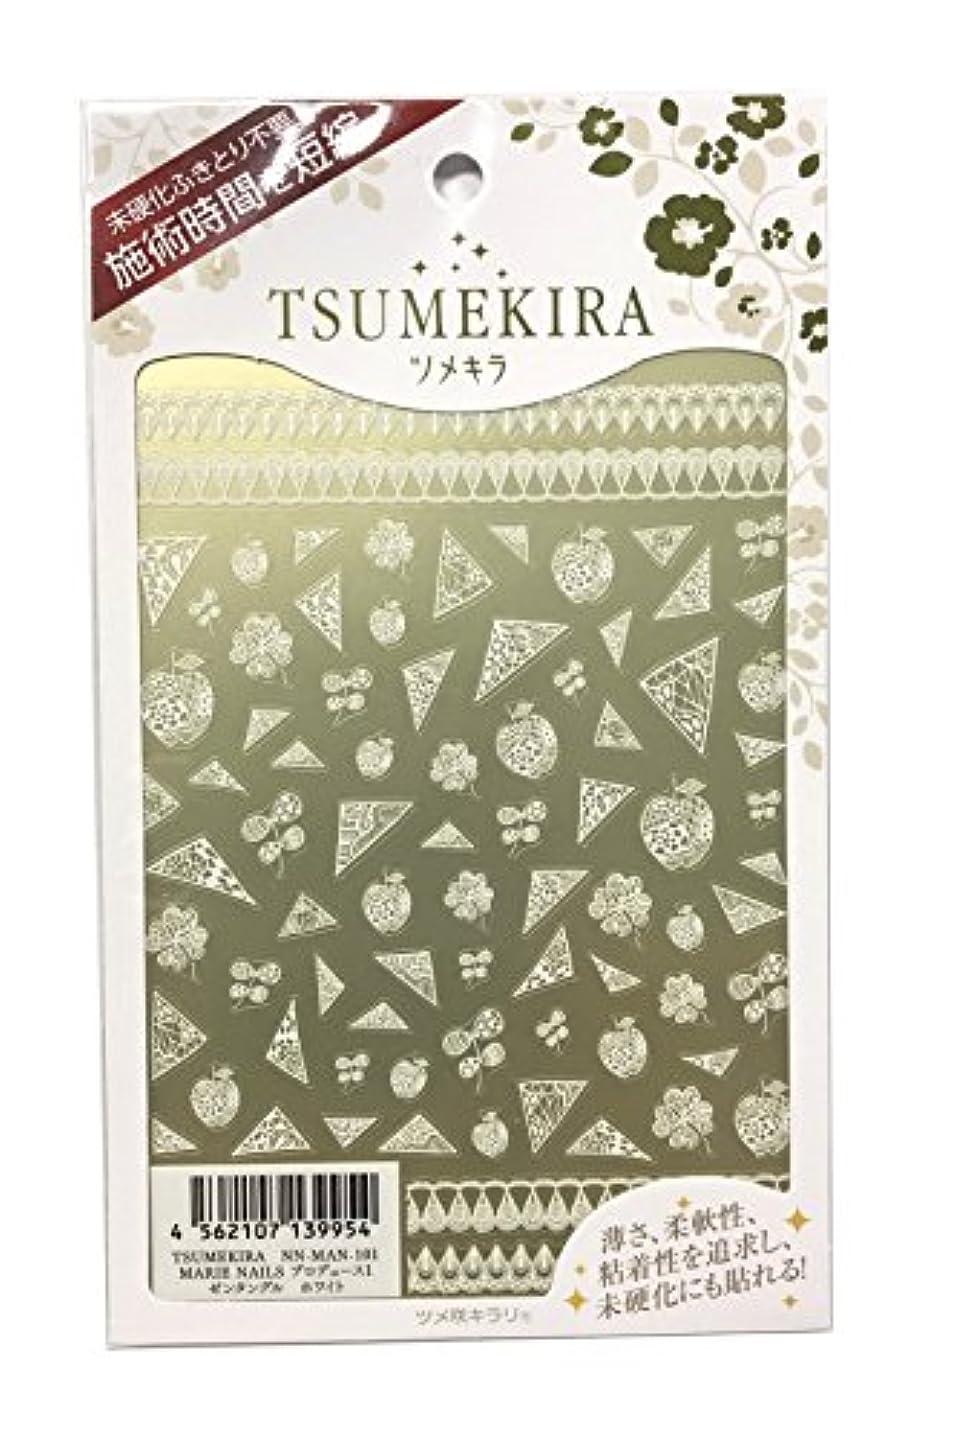 危険を冒します他のバンドで住所ツメキラ(TSUMEKIRA) ネイル用シール ゼンタングル ホワイト NN-MAN-101